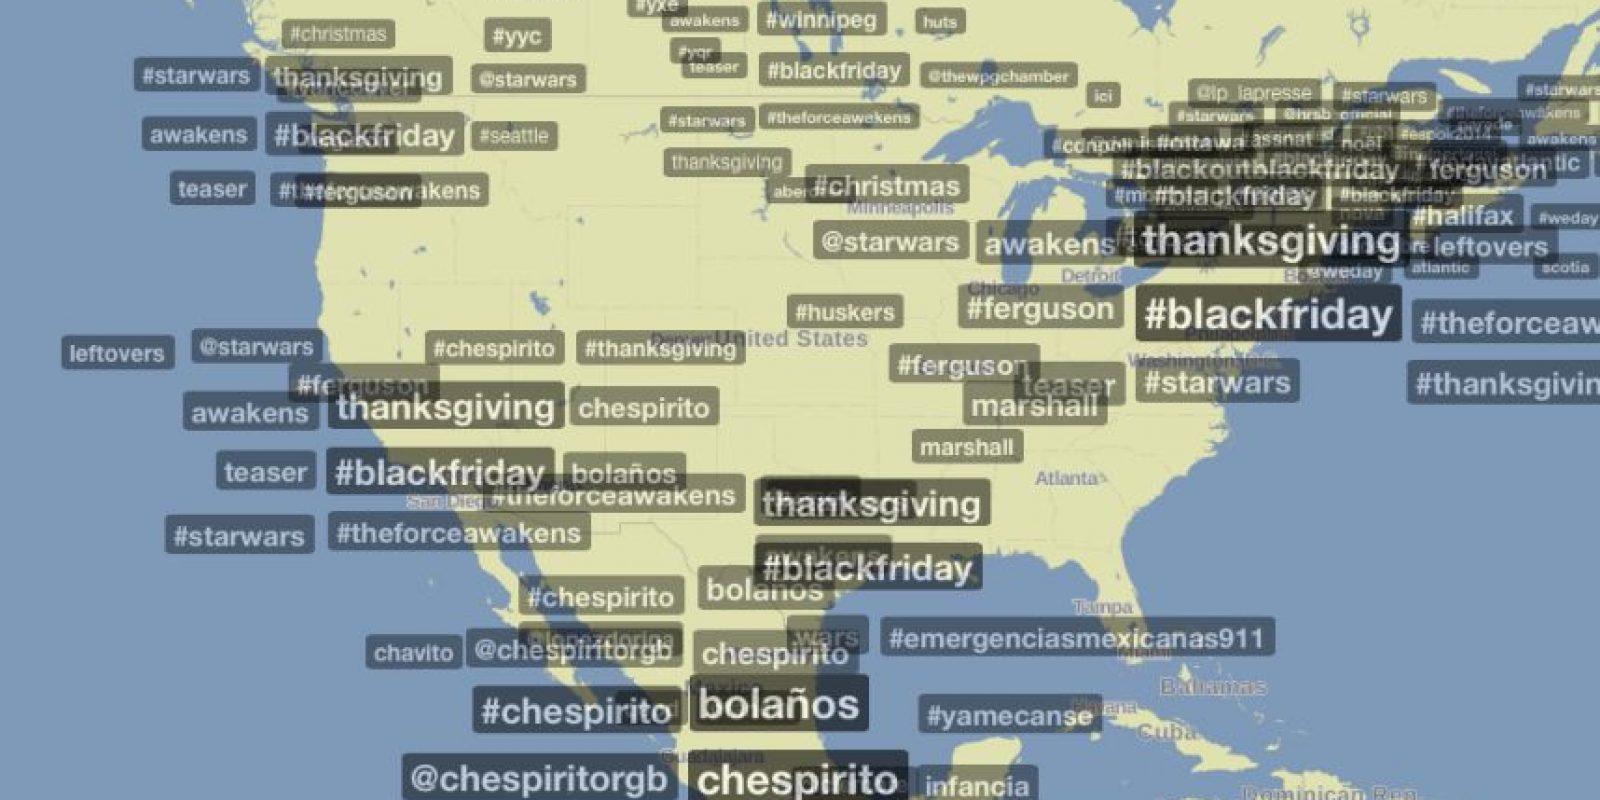 El hashtag #Chespirito ha causado el mismo impacto que las tendencias mundiales #blackfriday y #starwars Foto:Trendsmap.com